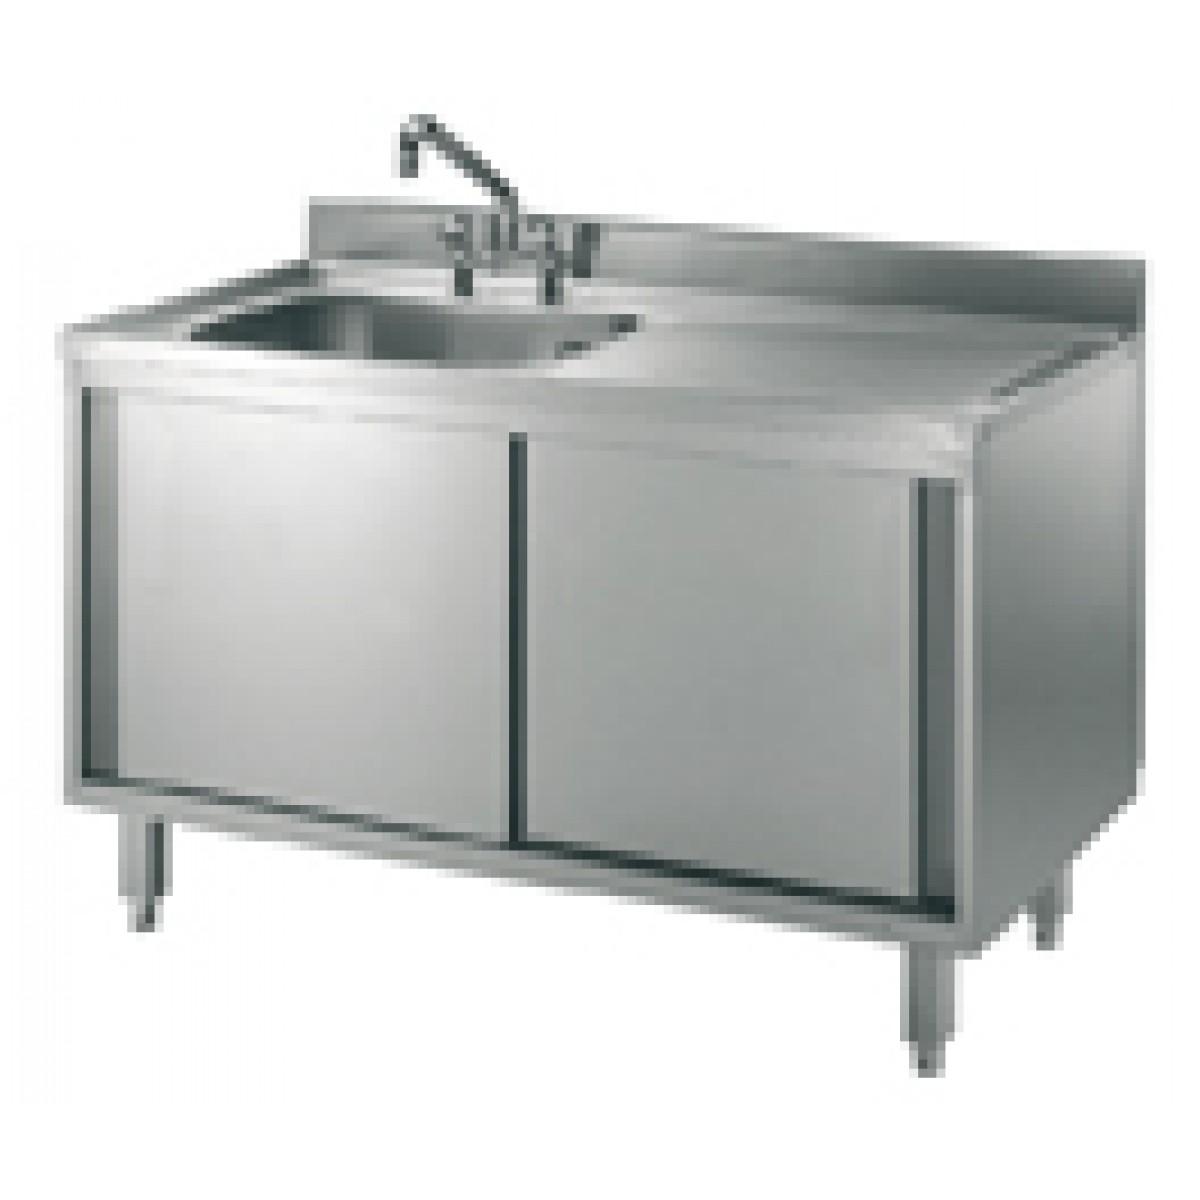 Vaskeskab1000x700x850mmvaskivenstreside-35